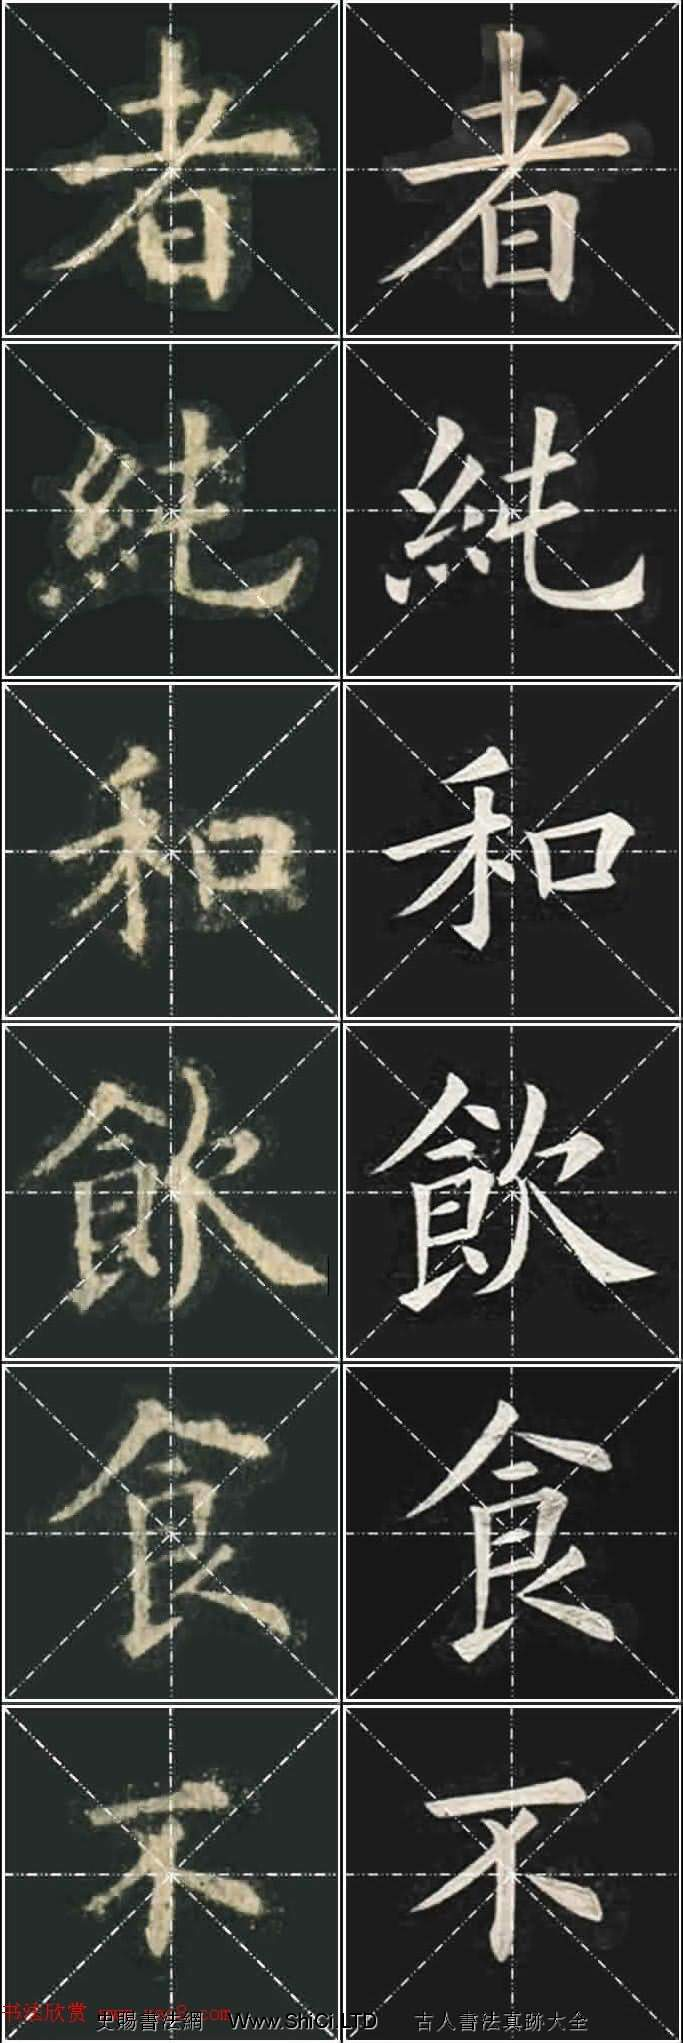 《歐楷九成宮》姚孟起臨本與李琪藏本對照字帖